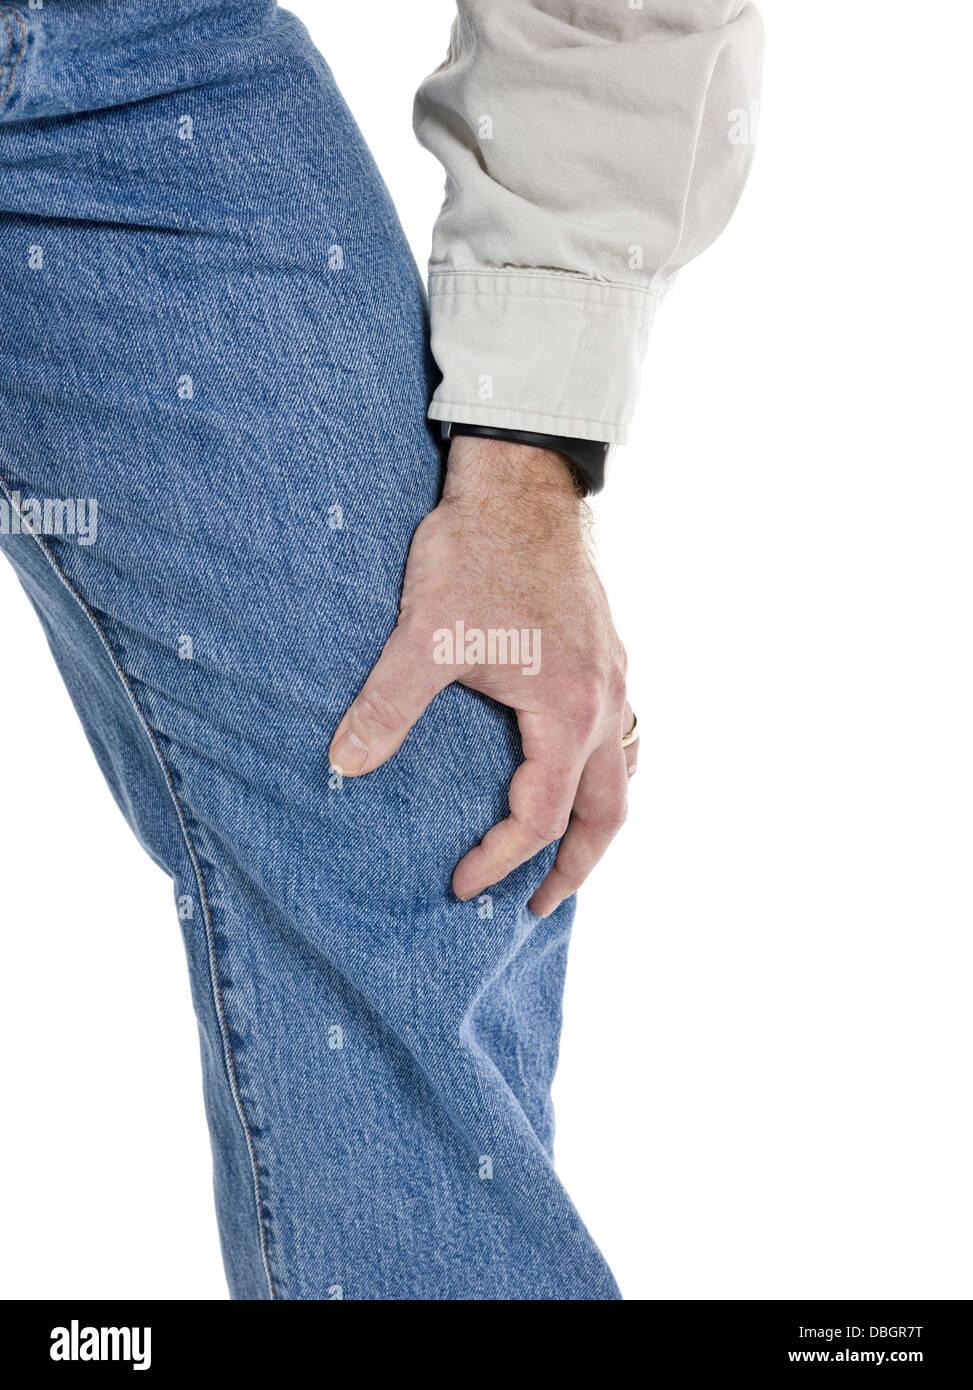 osteoarthritis pain - Stock Image